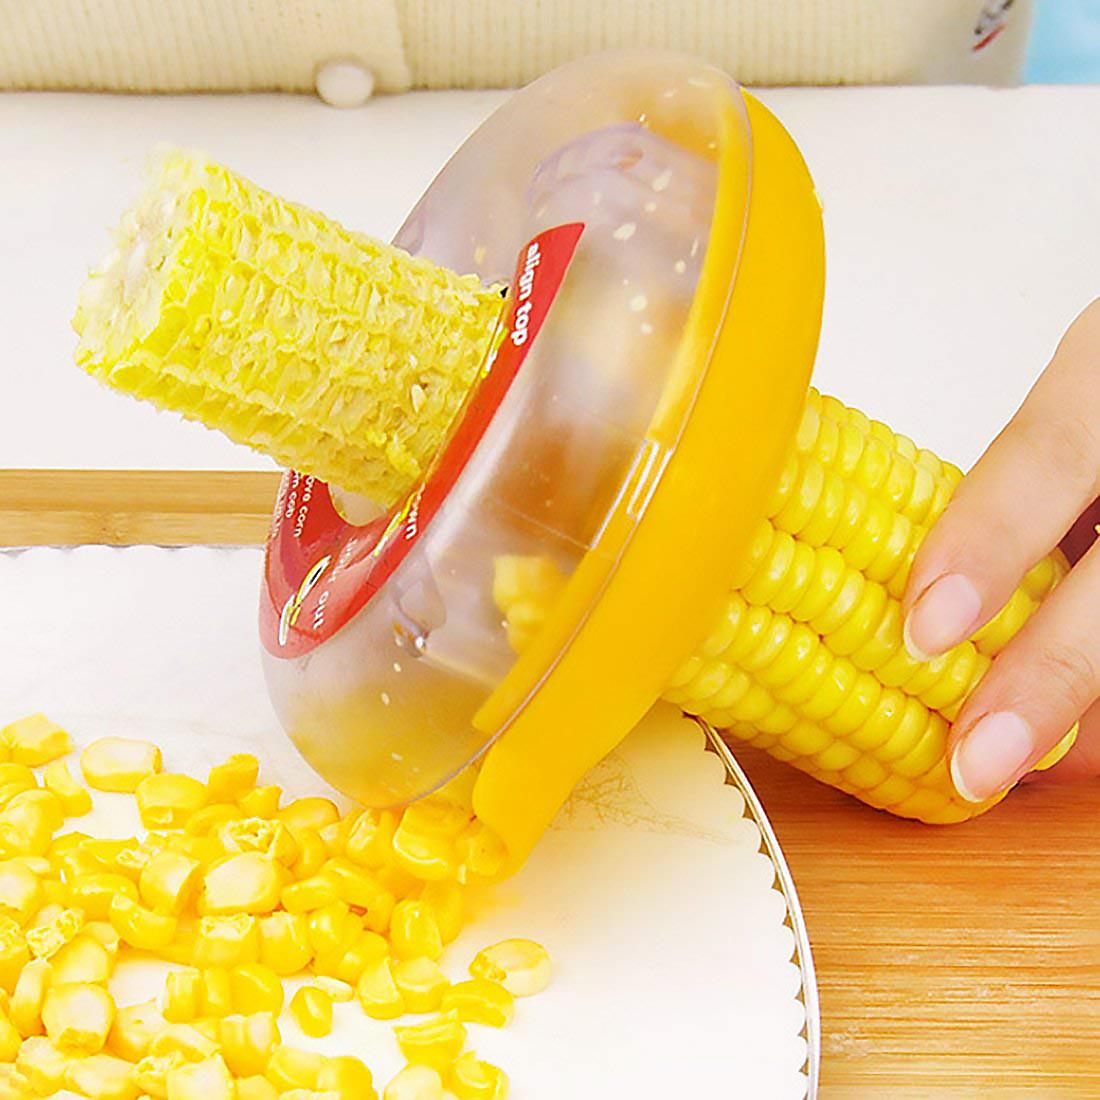 Нож для кукурузы (лущилка кукурузы)